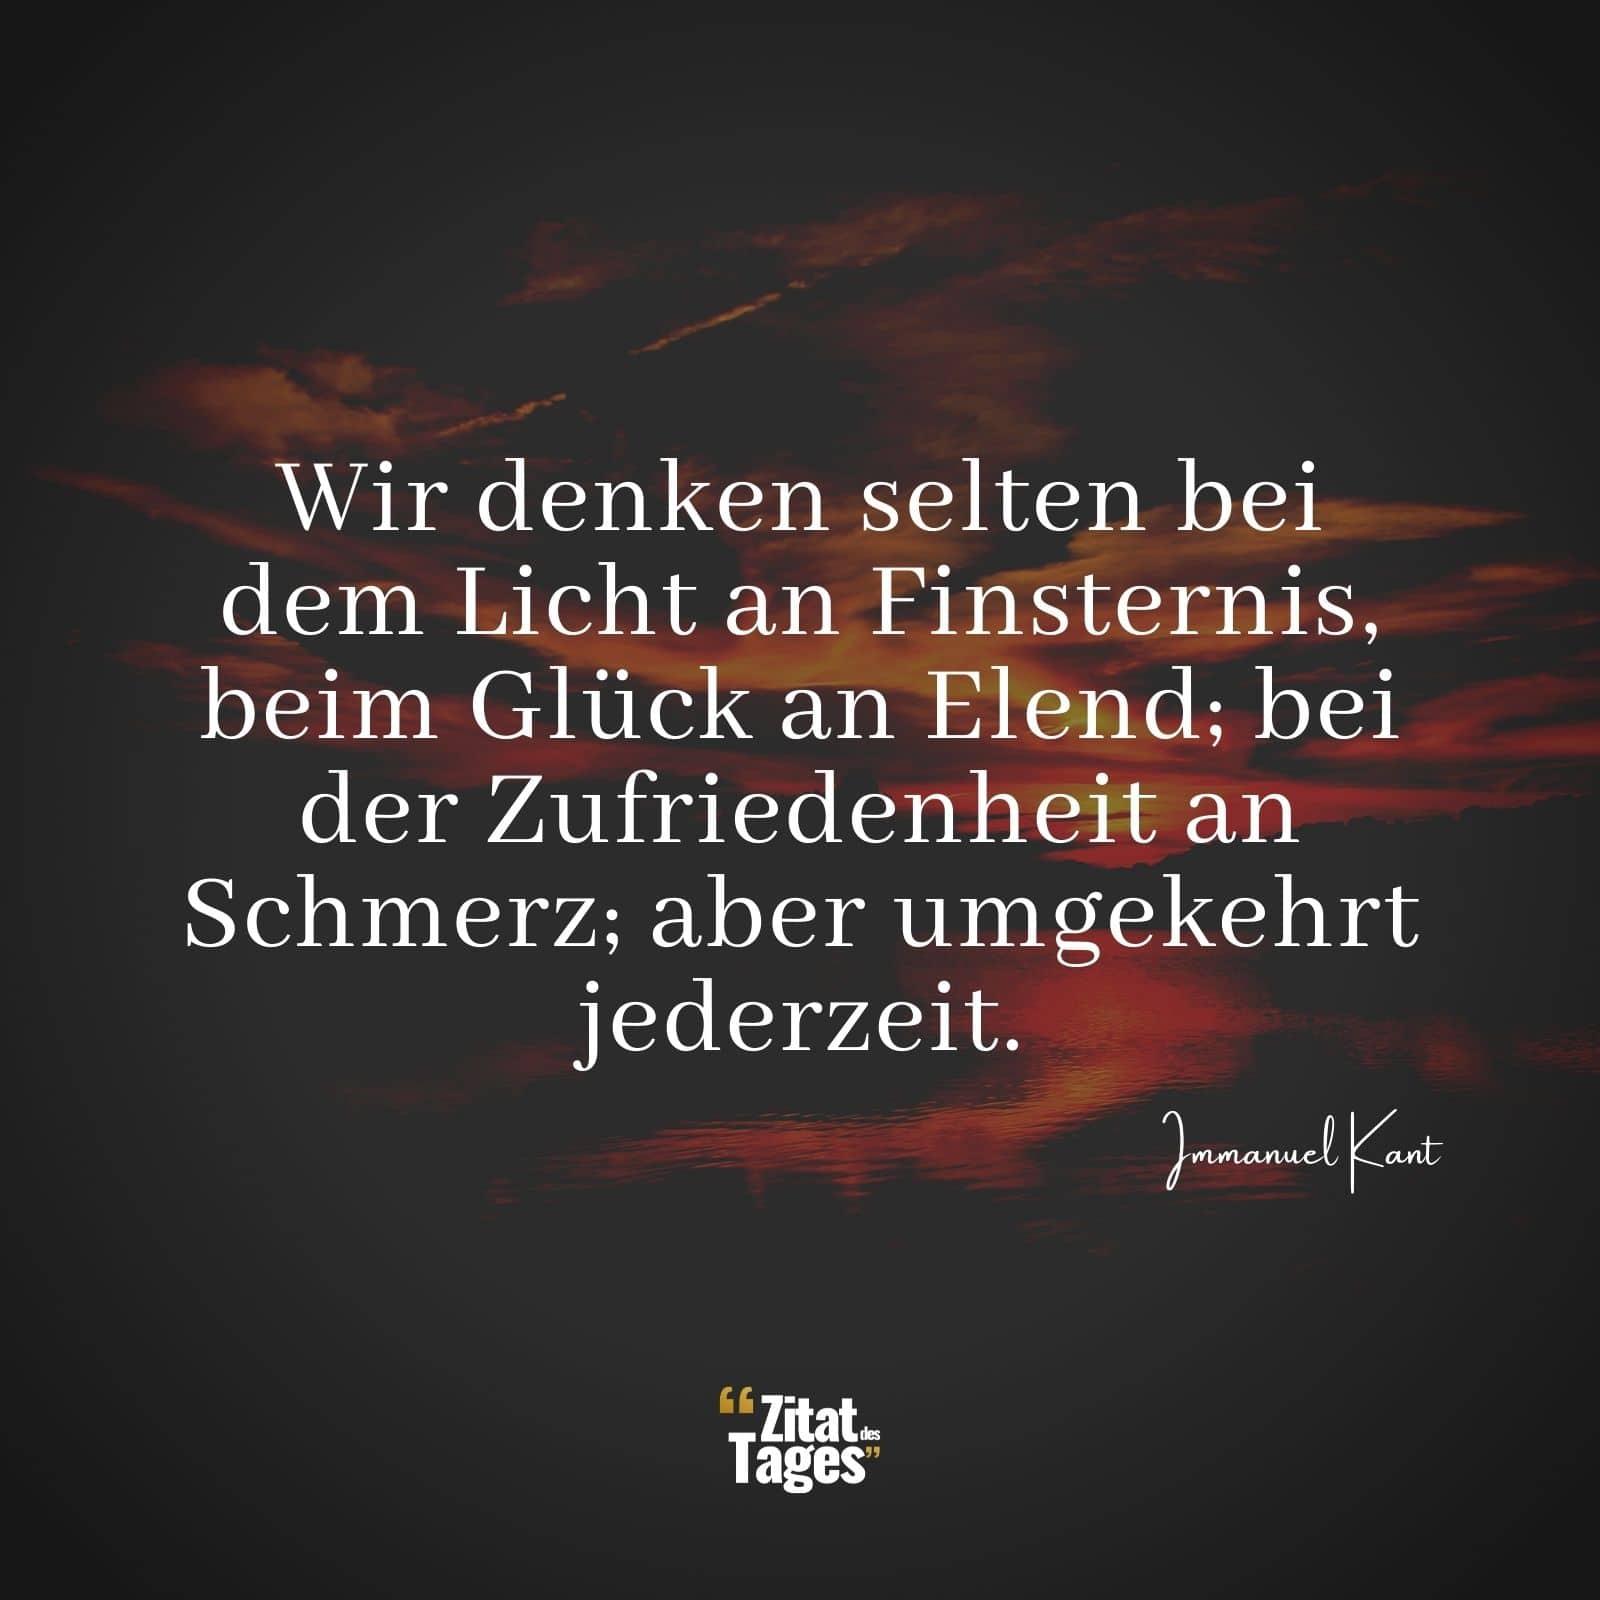 Wir Denken Selten Bei Dem Licht An Finsternis Beim Gluck An Elend Bei Der Zufriedenheit An Schmerz Aber Umgekehrt Jederzeit Immanuel Kant